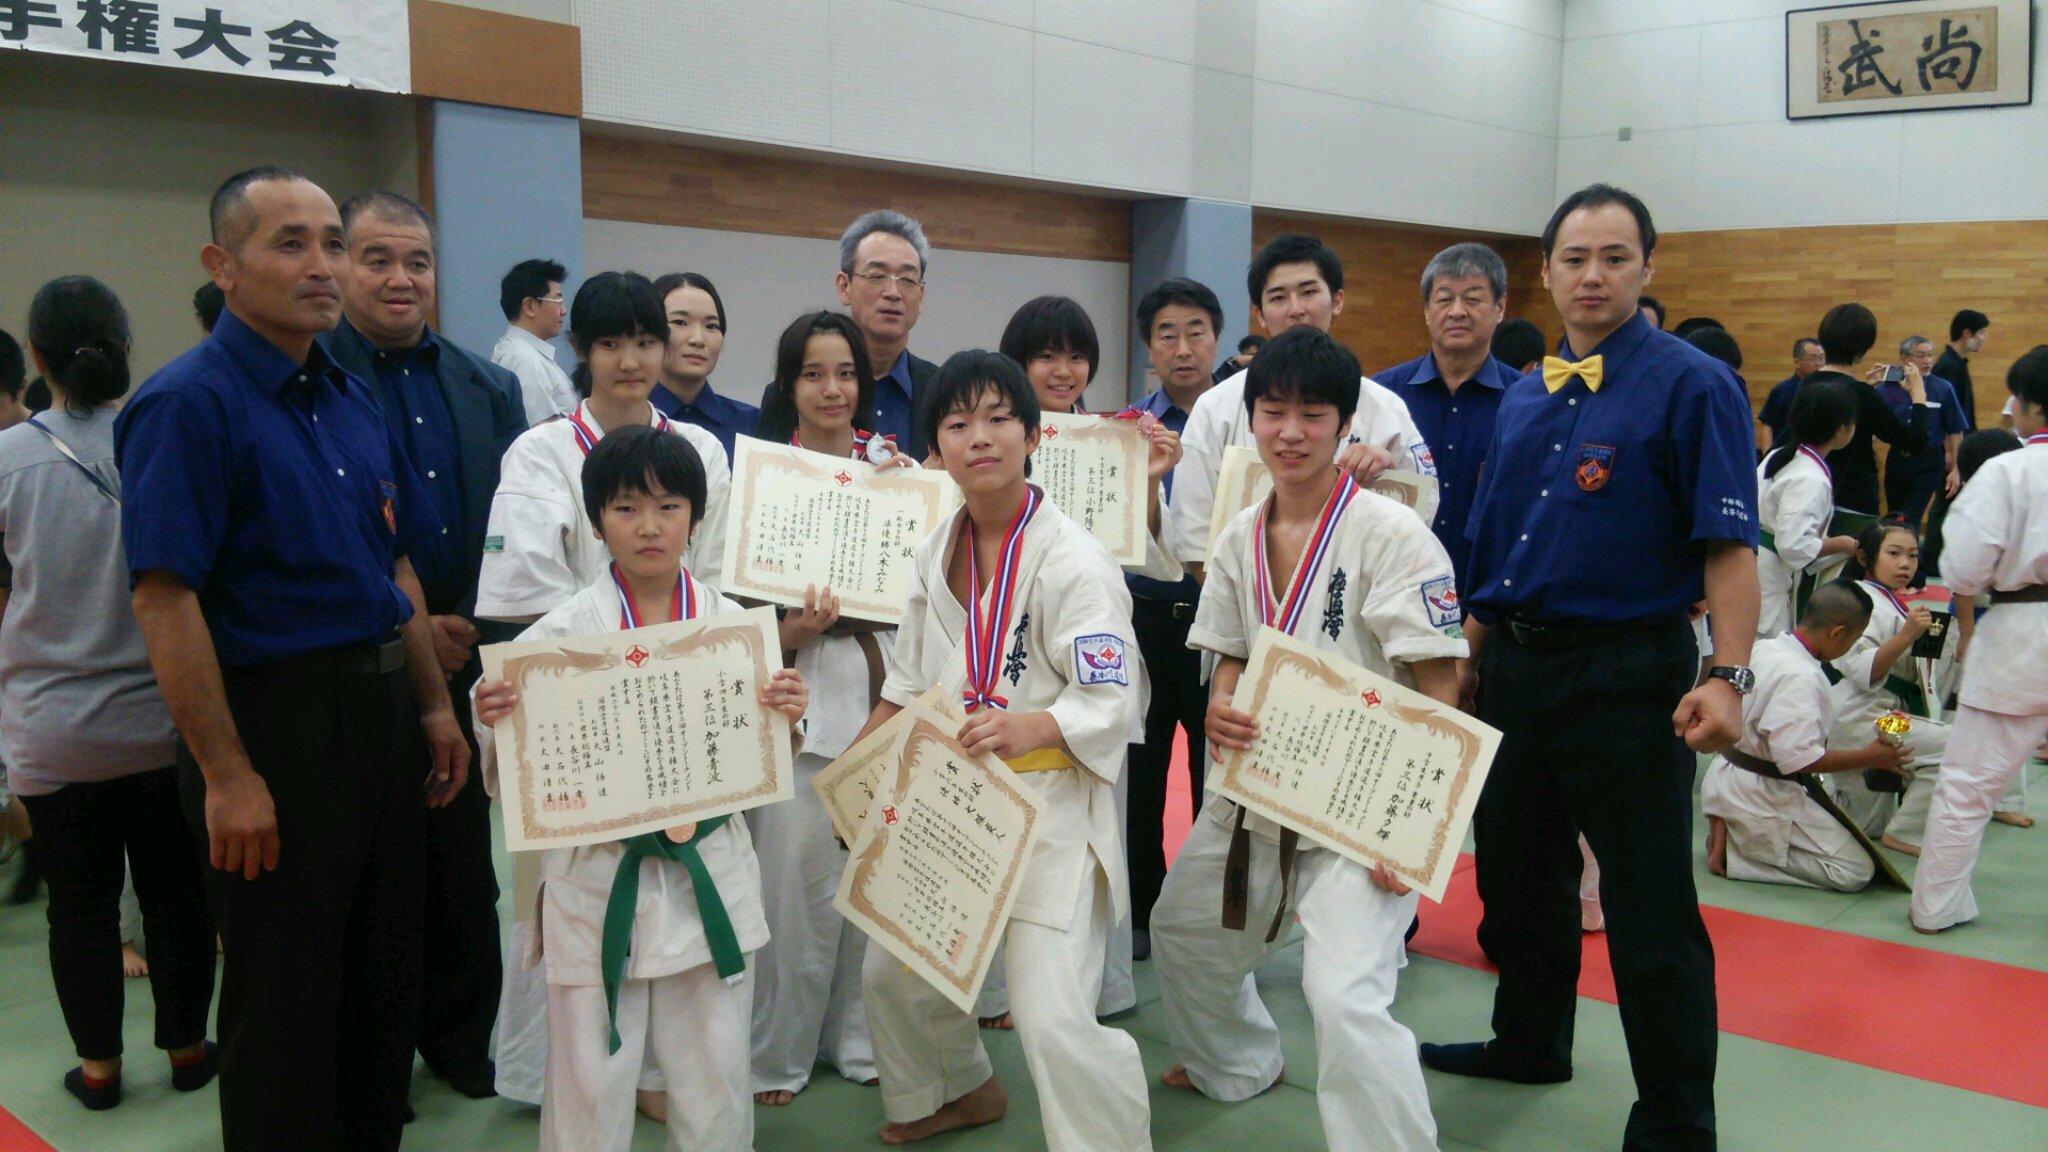 第12回岐阜県大会